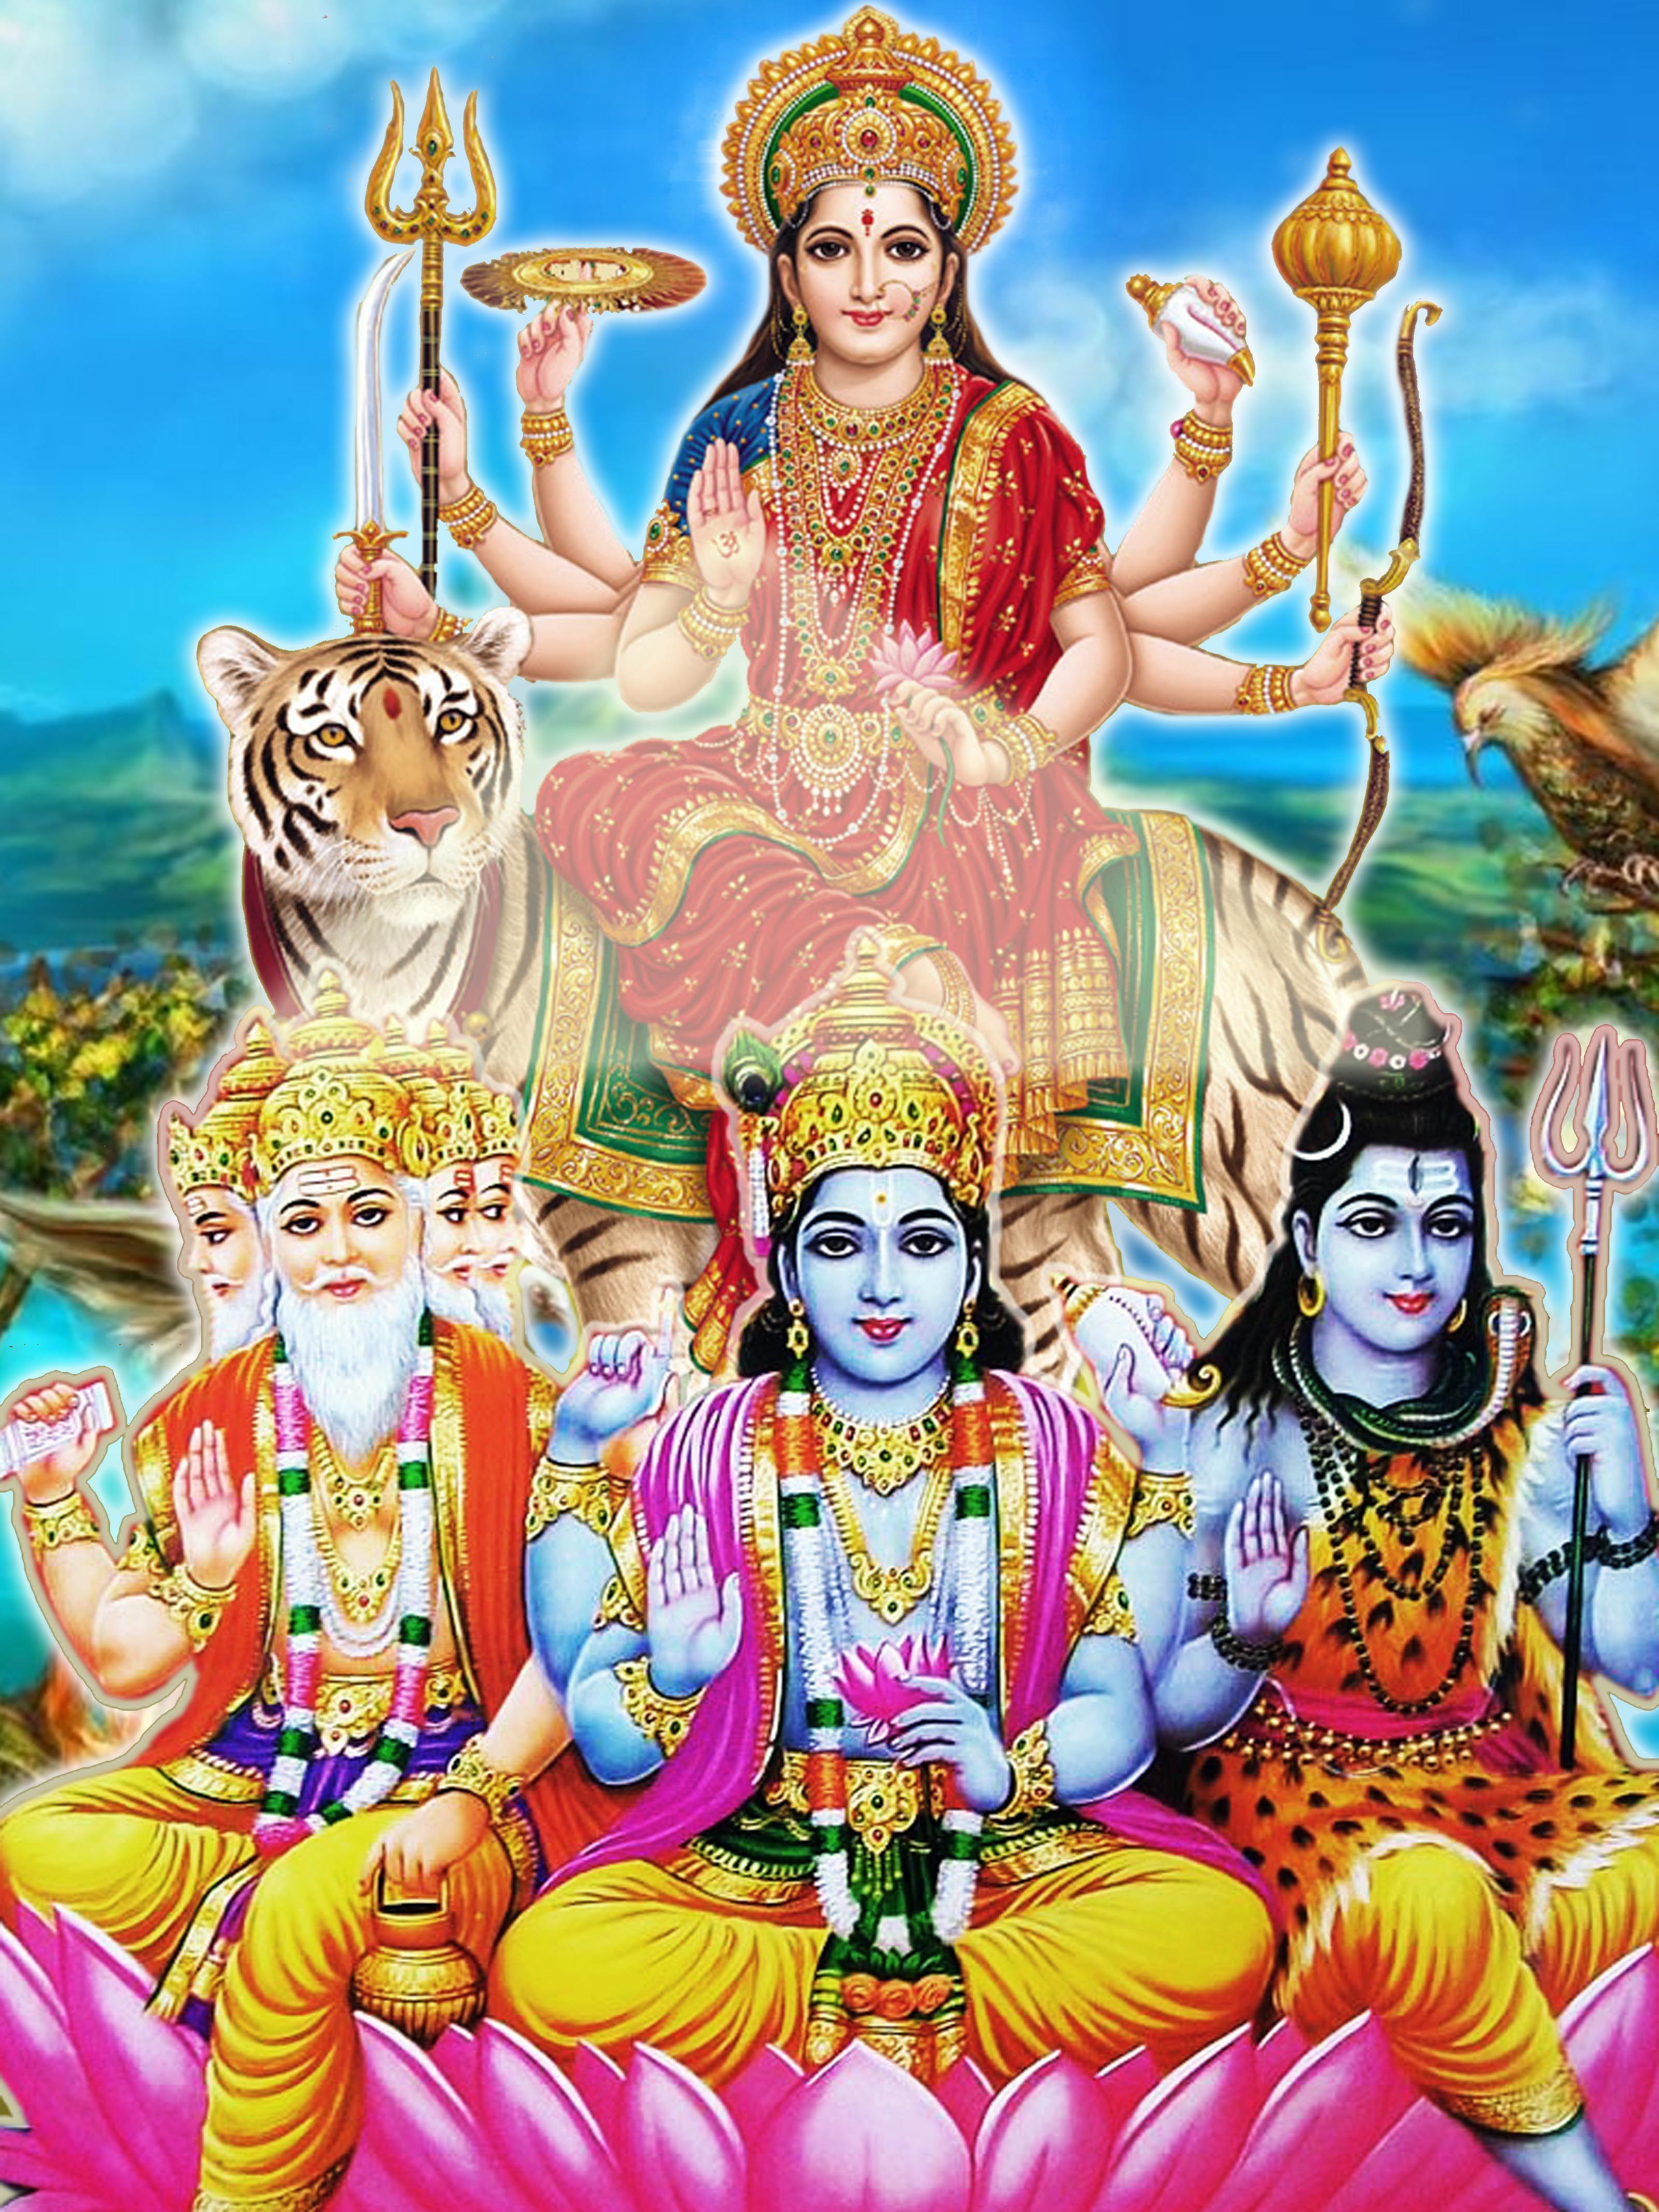 brahma vishnu shiva and durga